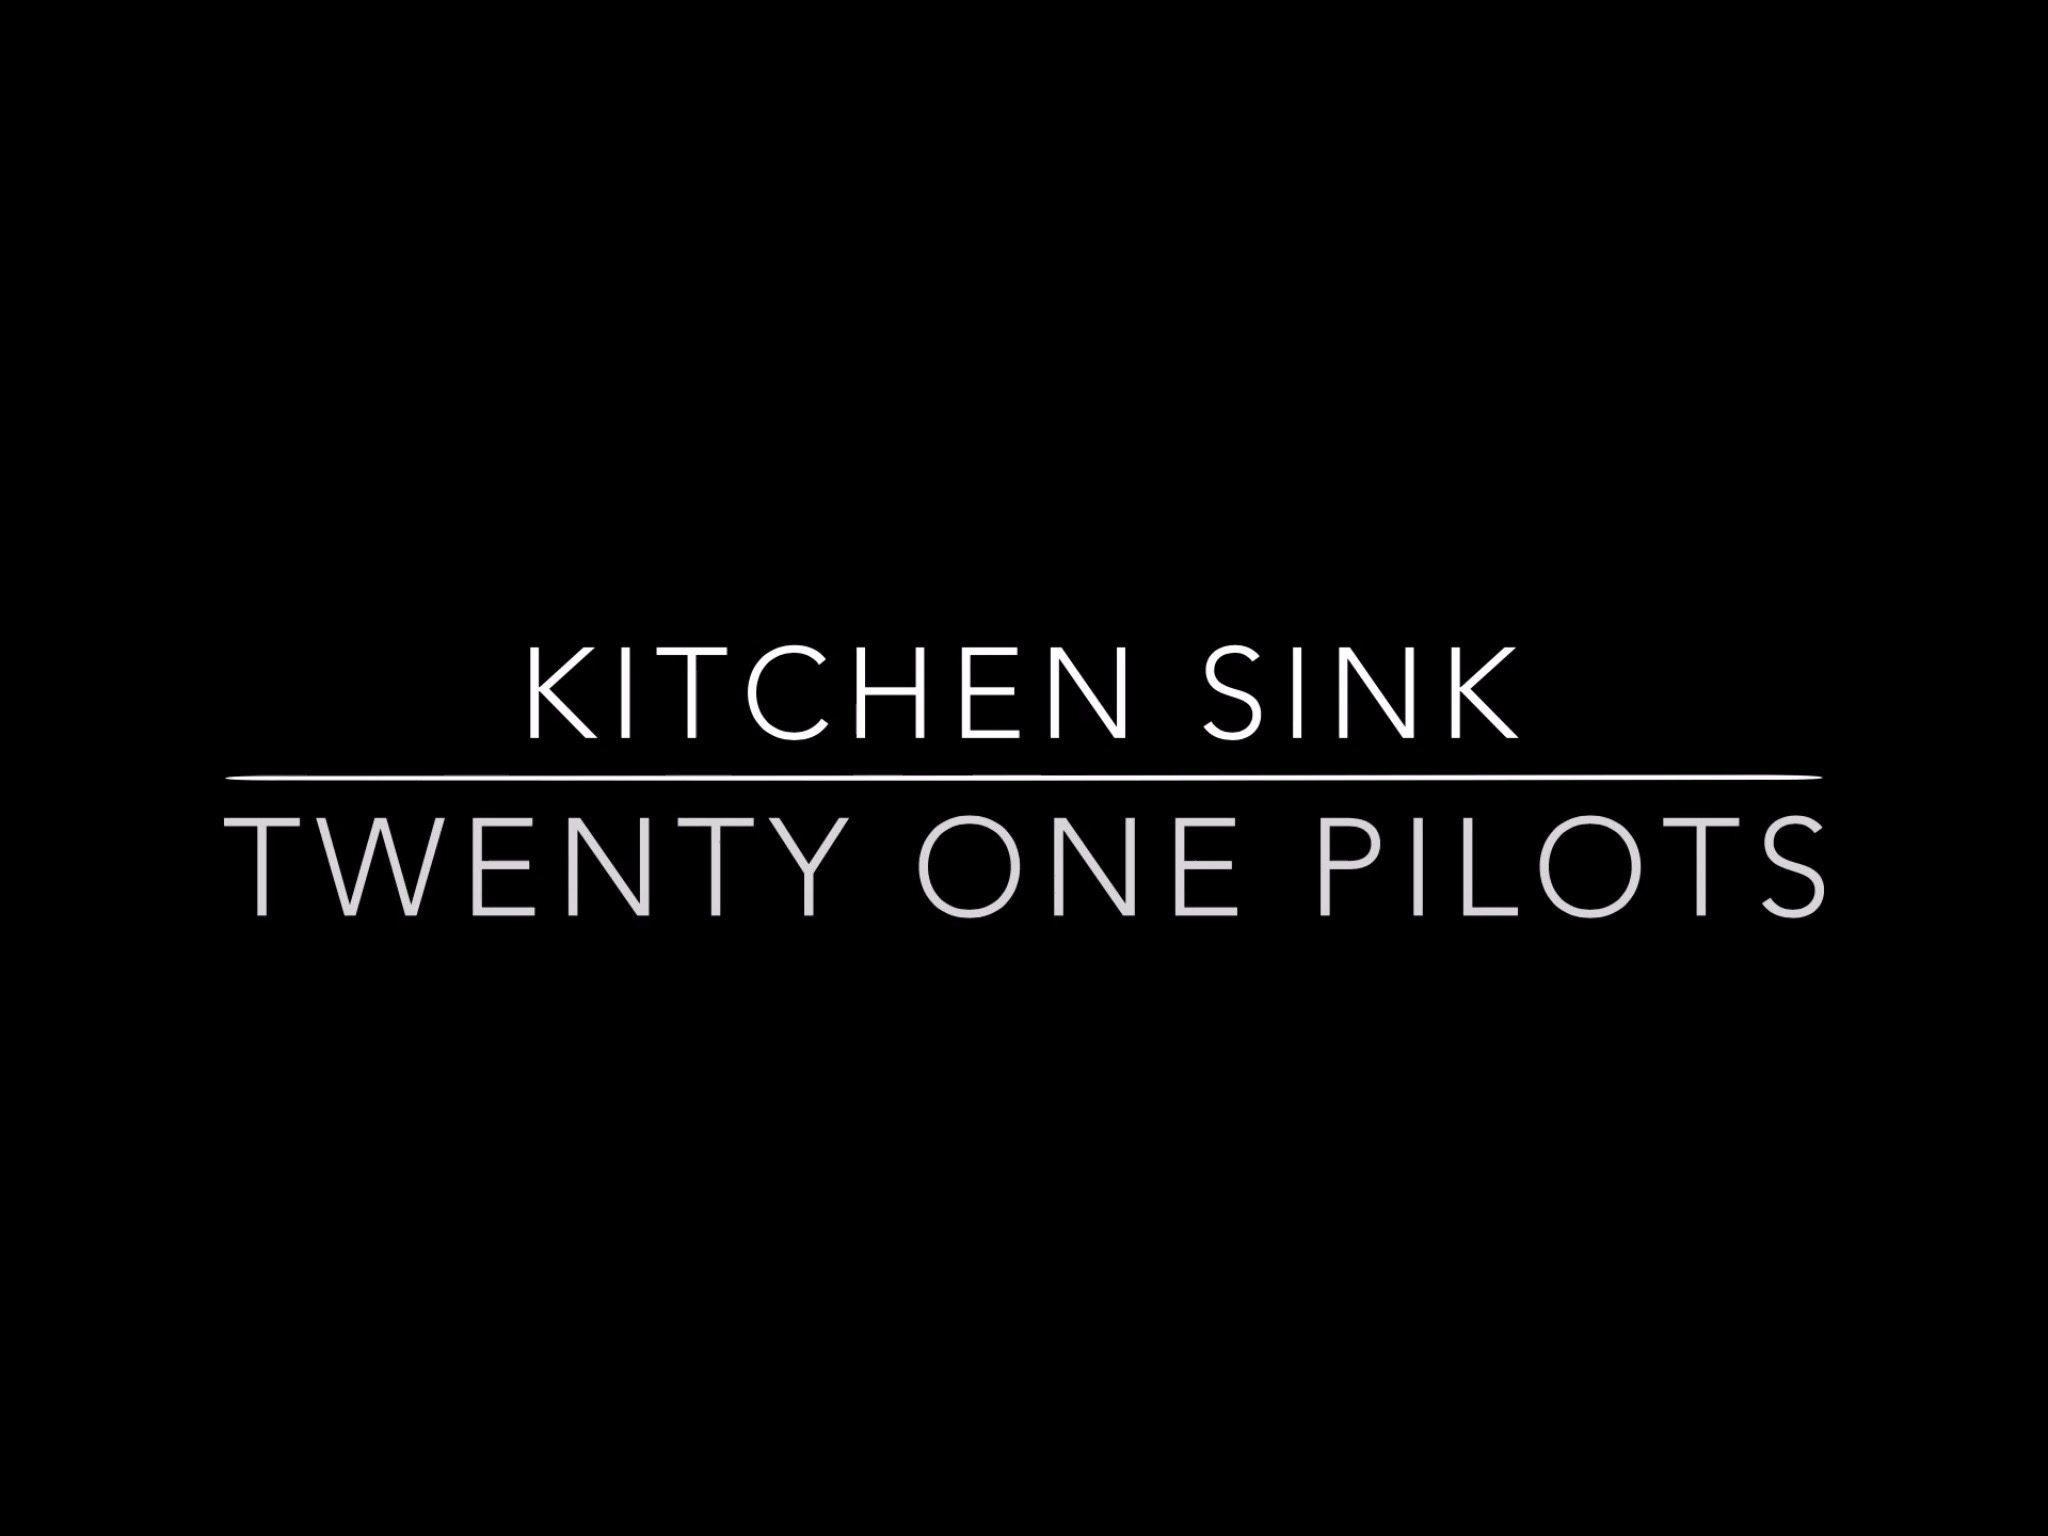 … finest kitchen sink twenty one pilots lyrics image-Amazing Kitchen Sink Twenty  One Pilots Lyrics